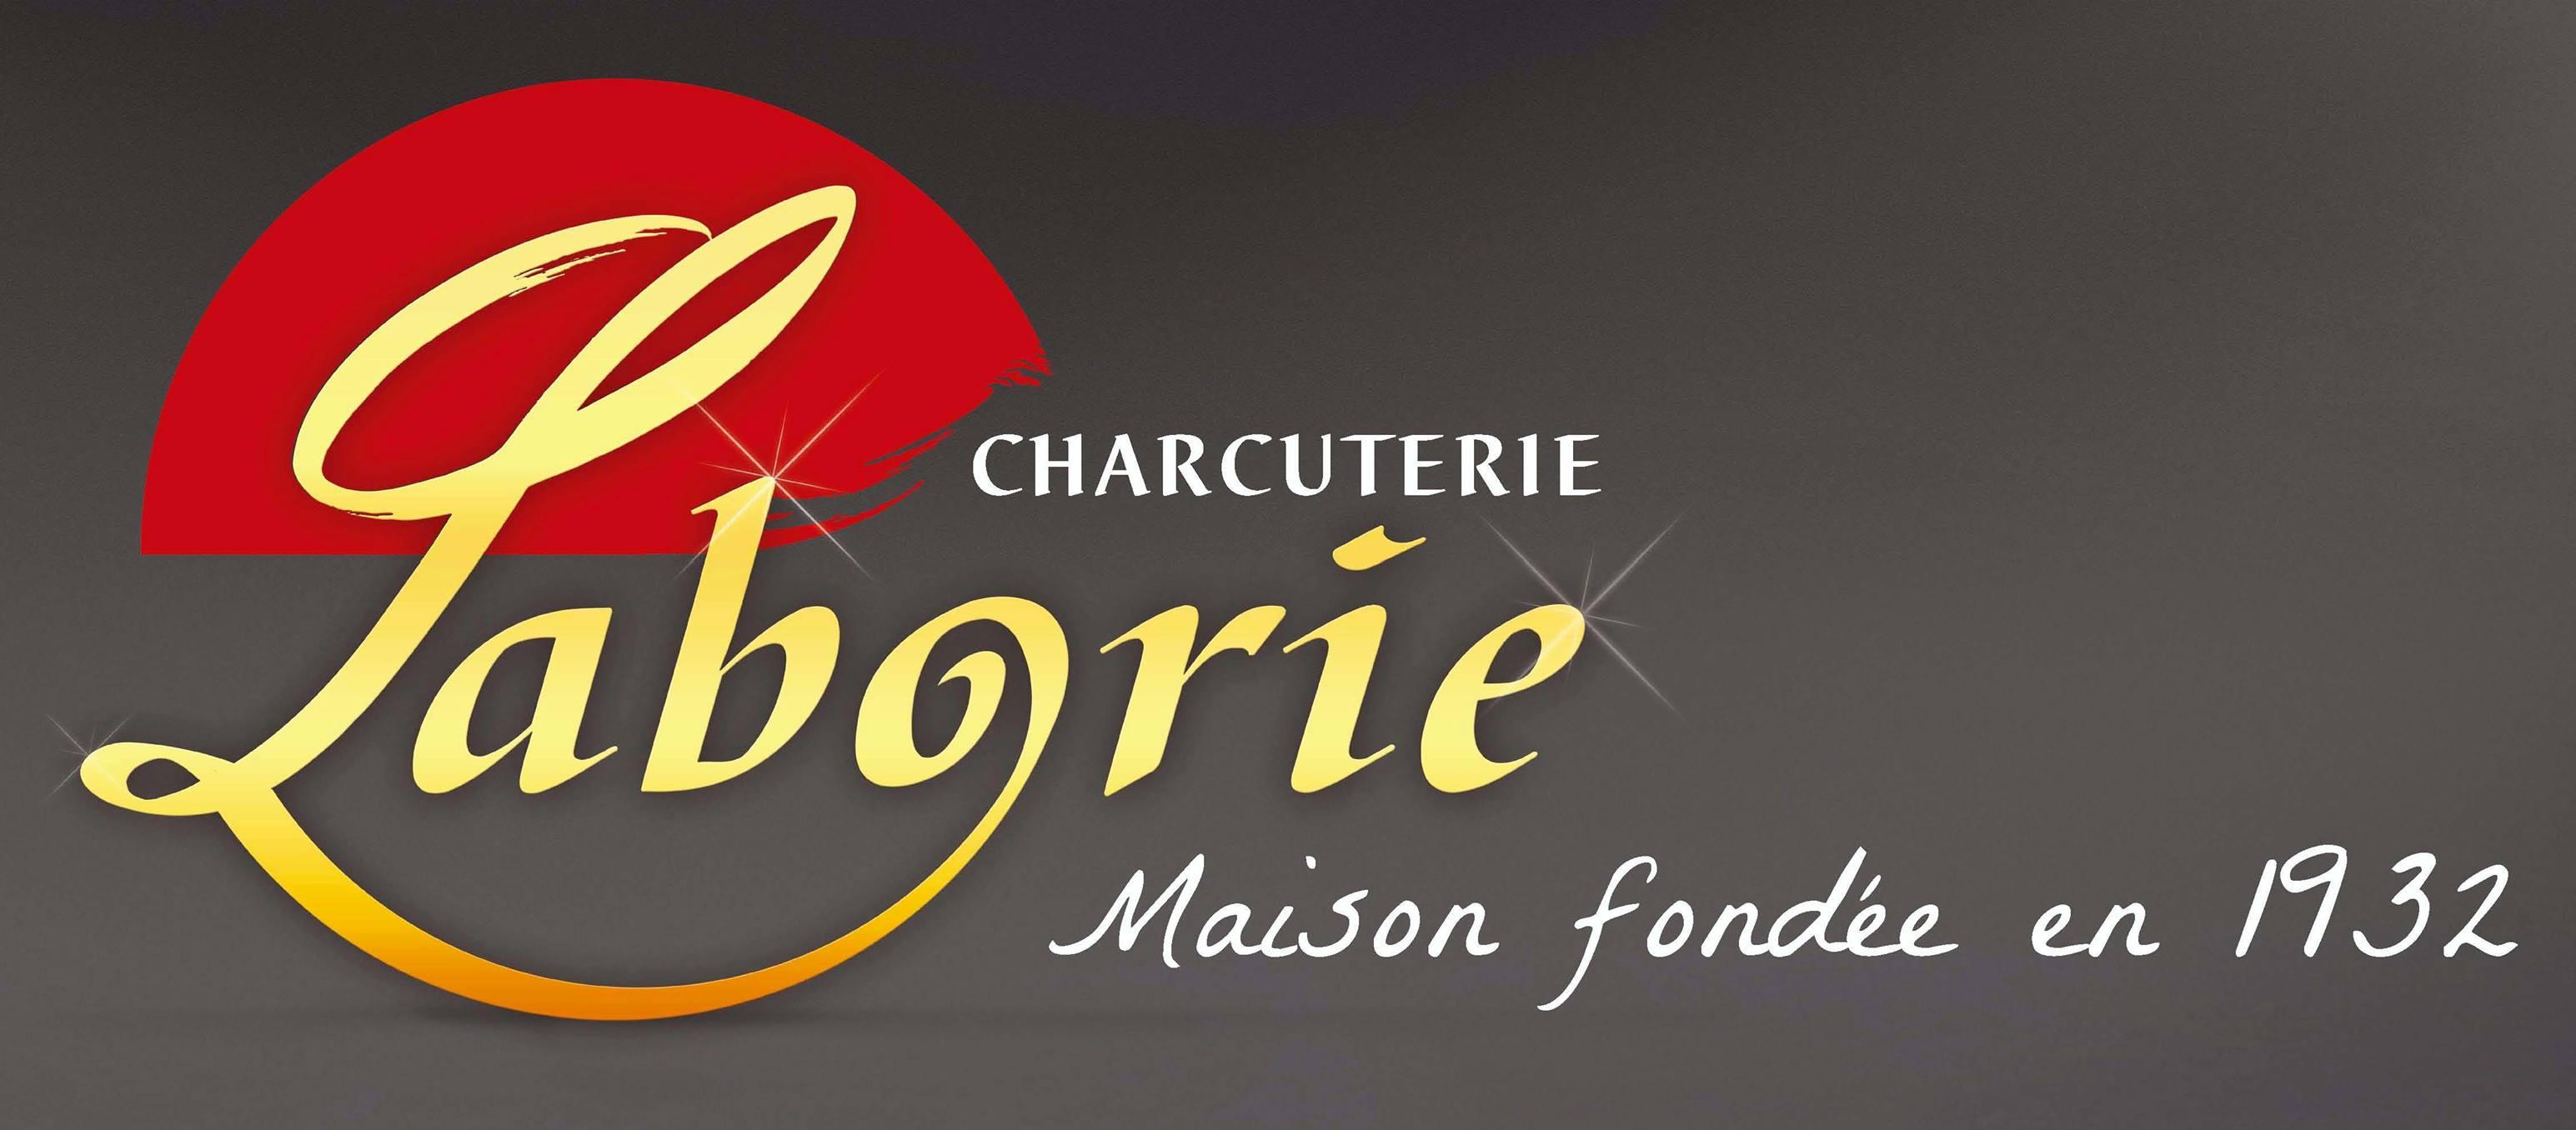 Adhérent MAISON LABORIE - photo #3886